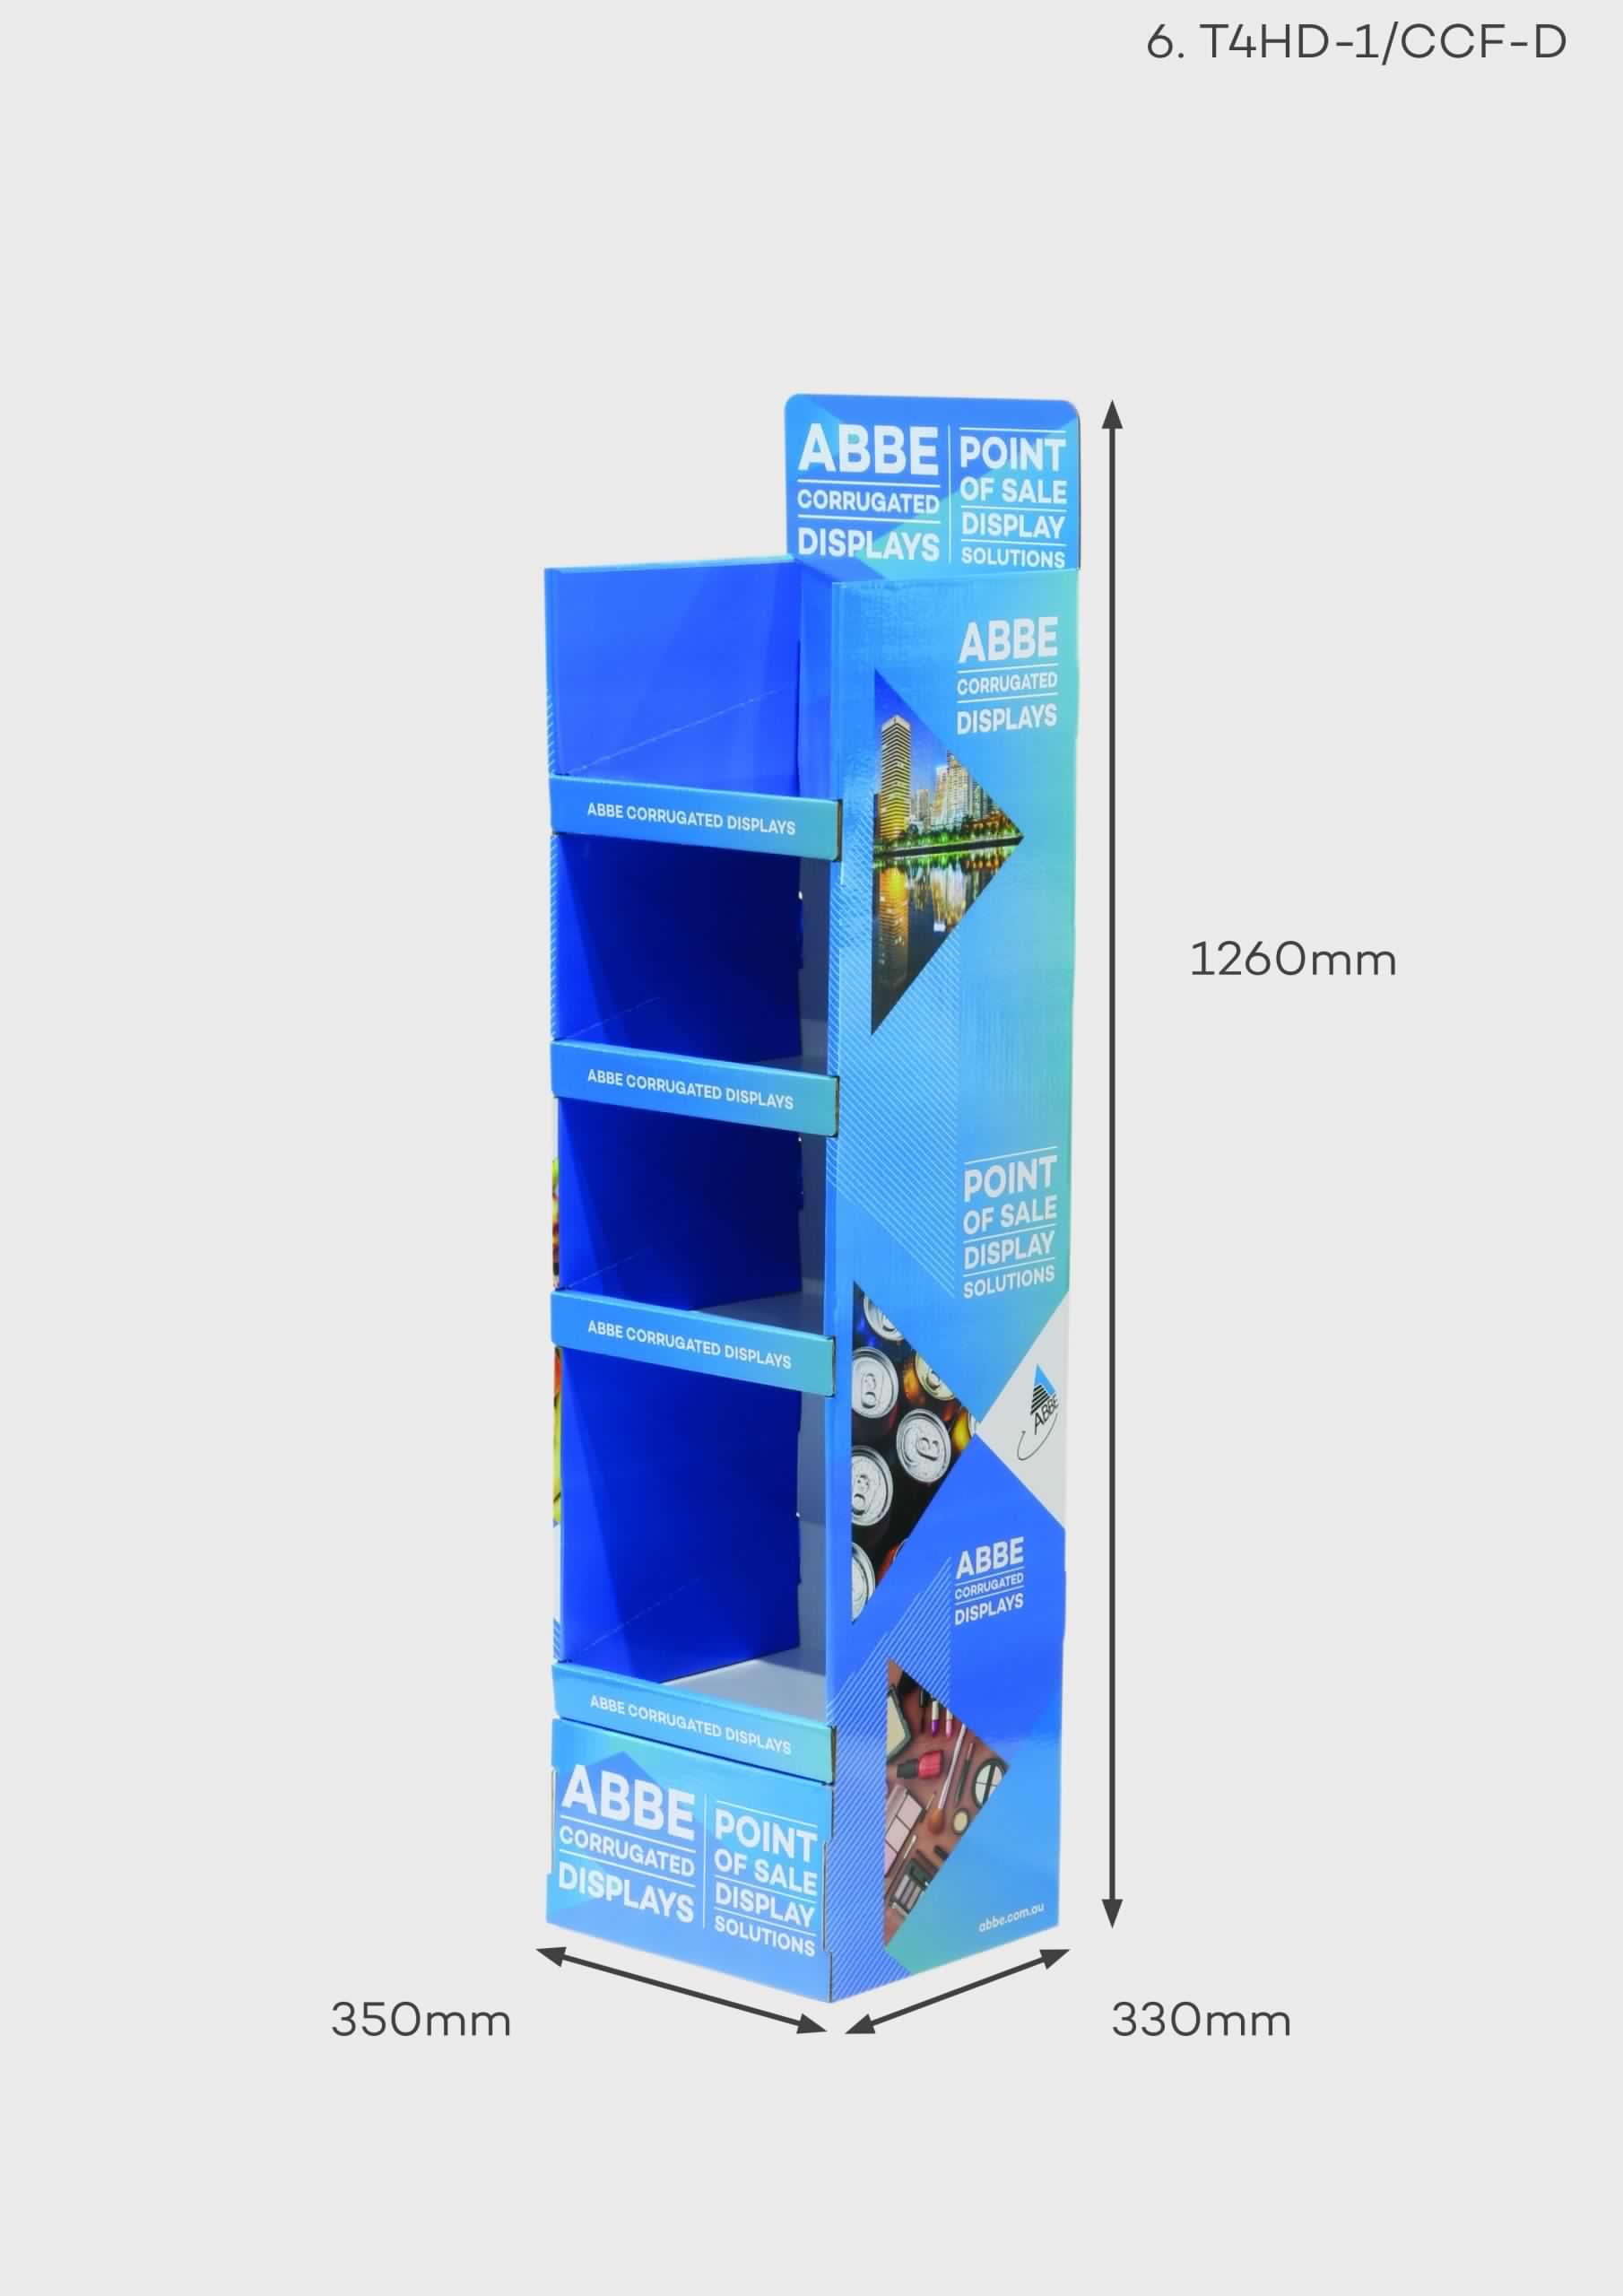 4 Shelf Display Unit (Ref T4HD-1/CCF-D)